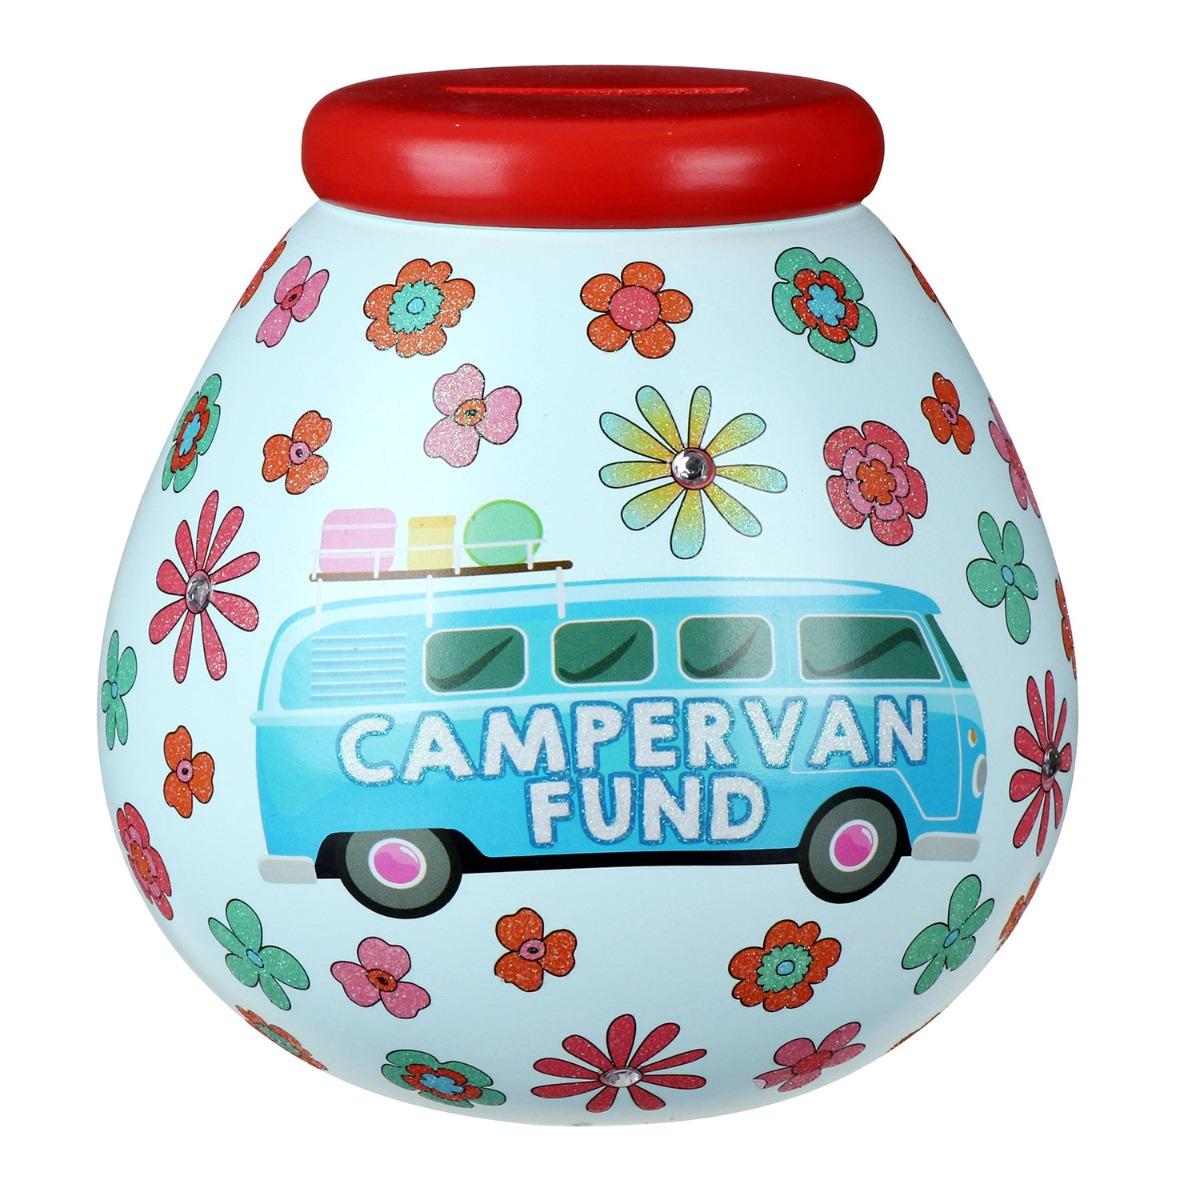 Pot of Dreams Retro Campervan Fund Money Pot